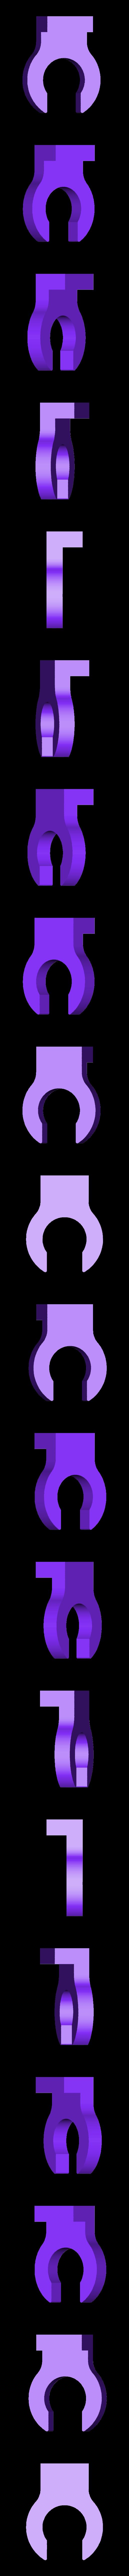 extruder_spacer_2mm_v1.stl Download free STL file ender3 extruder tube fitting clip 2mm • 3D printer model, MickeyManu